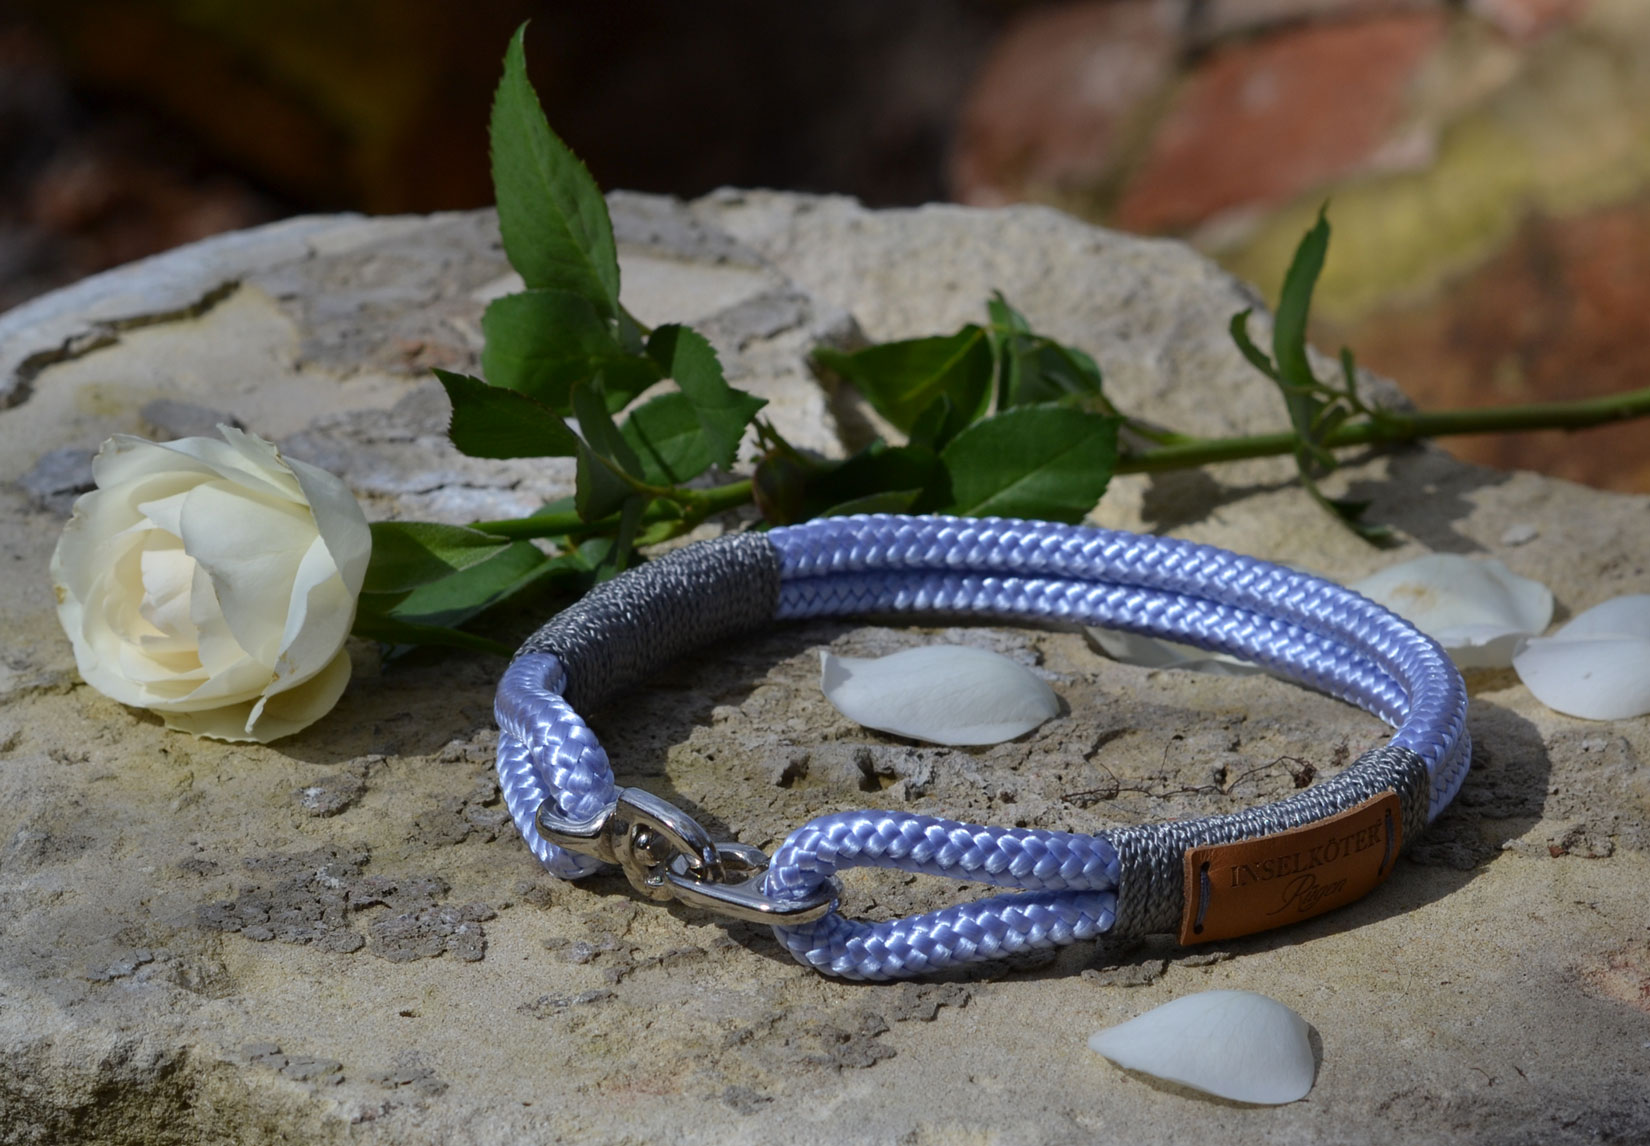 Halsband aus Tauwerk in lavendel. Ostseeinsel Ruegen